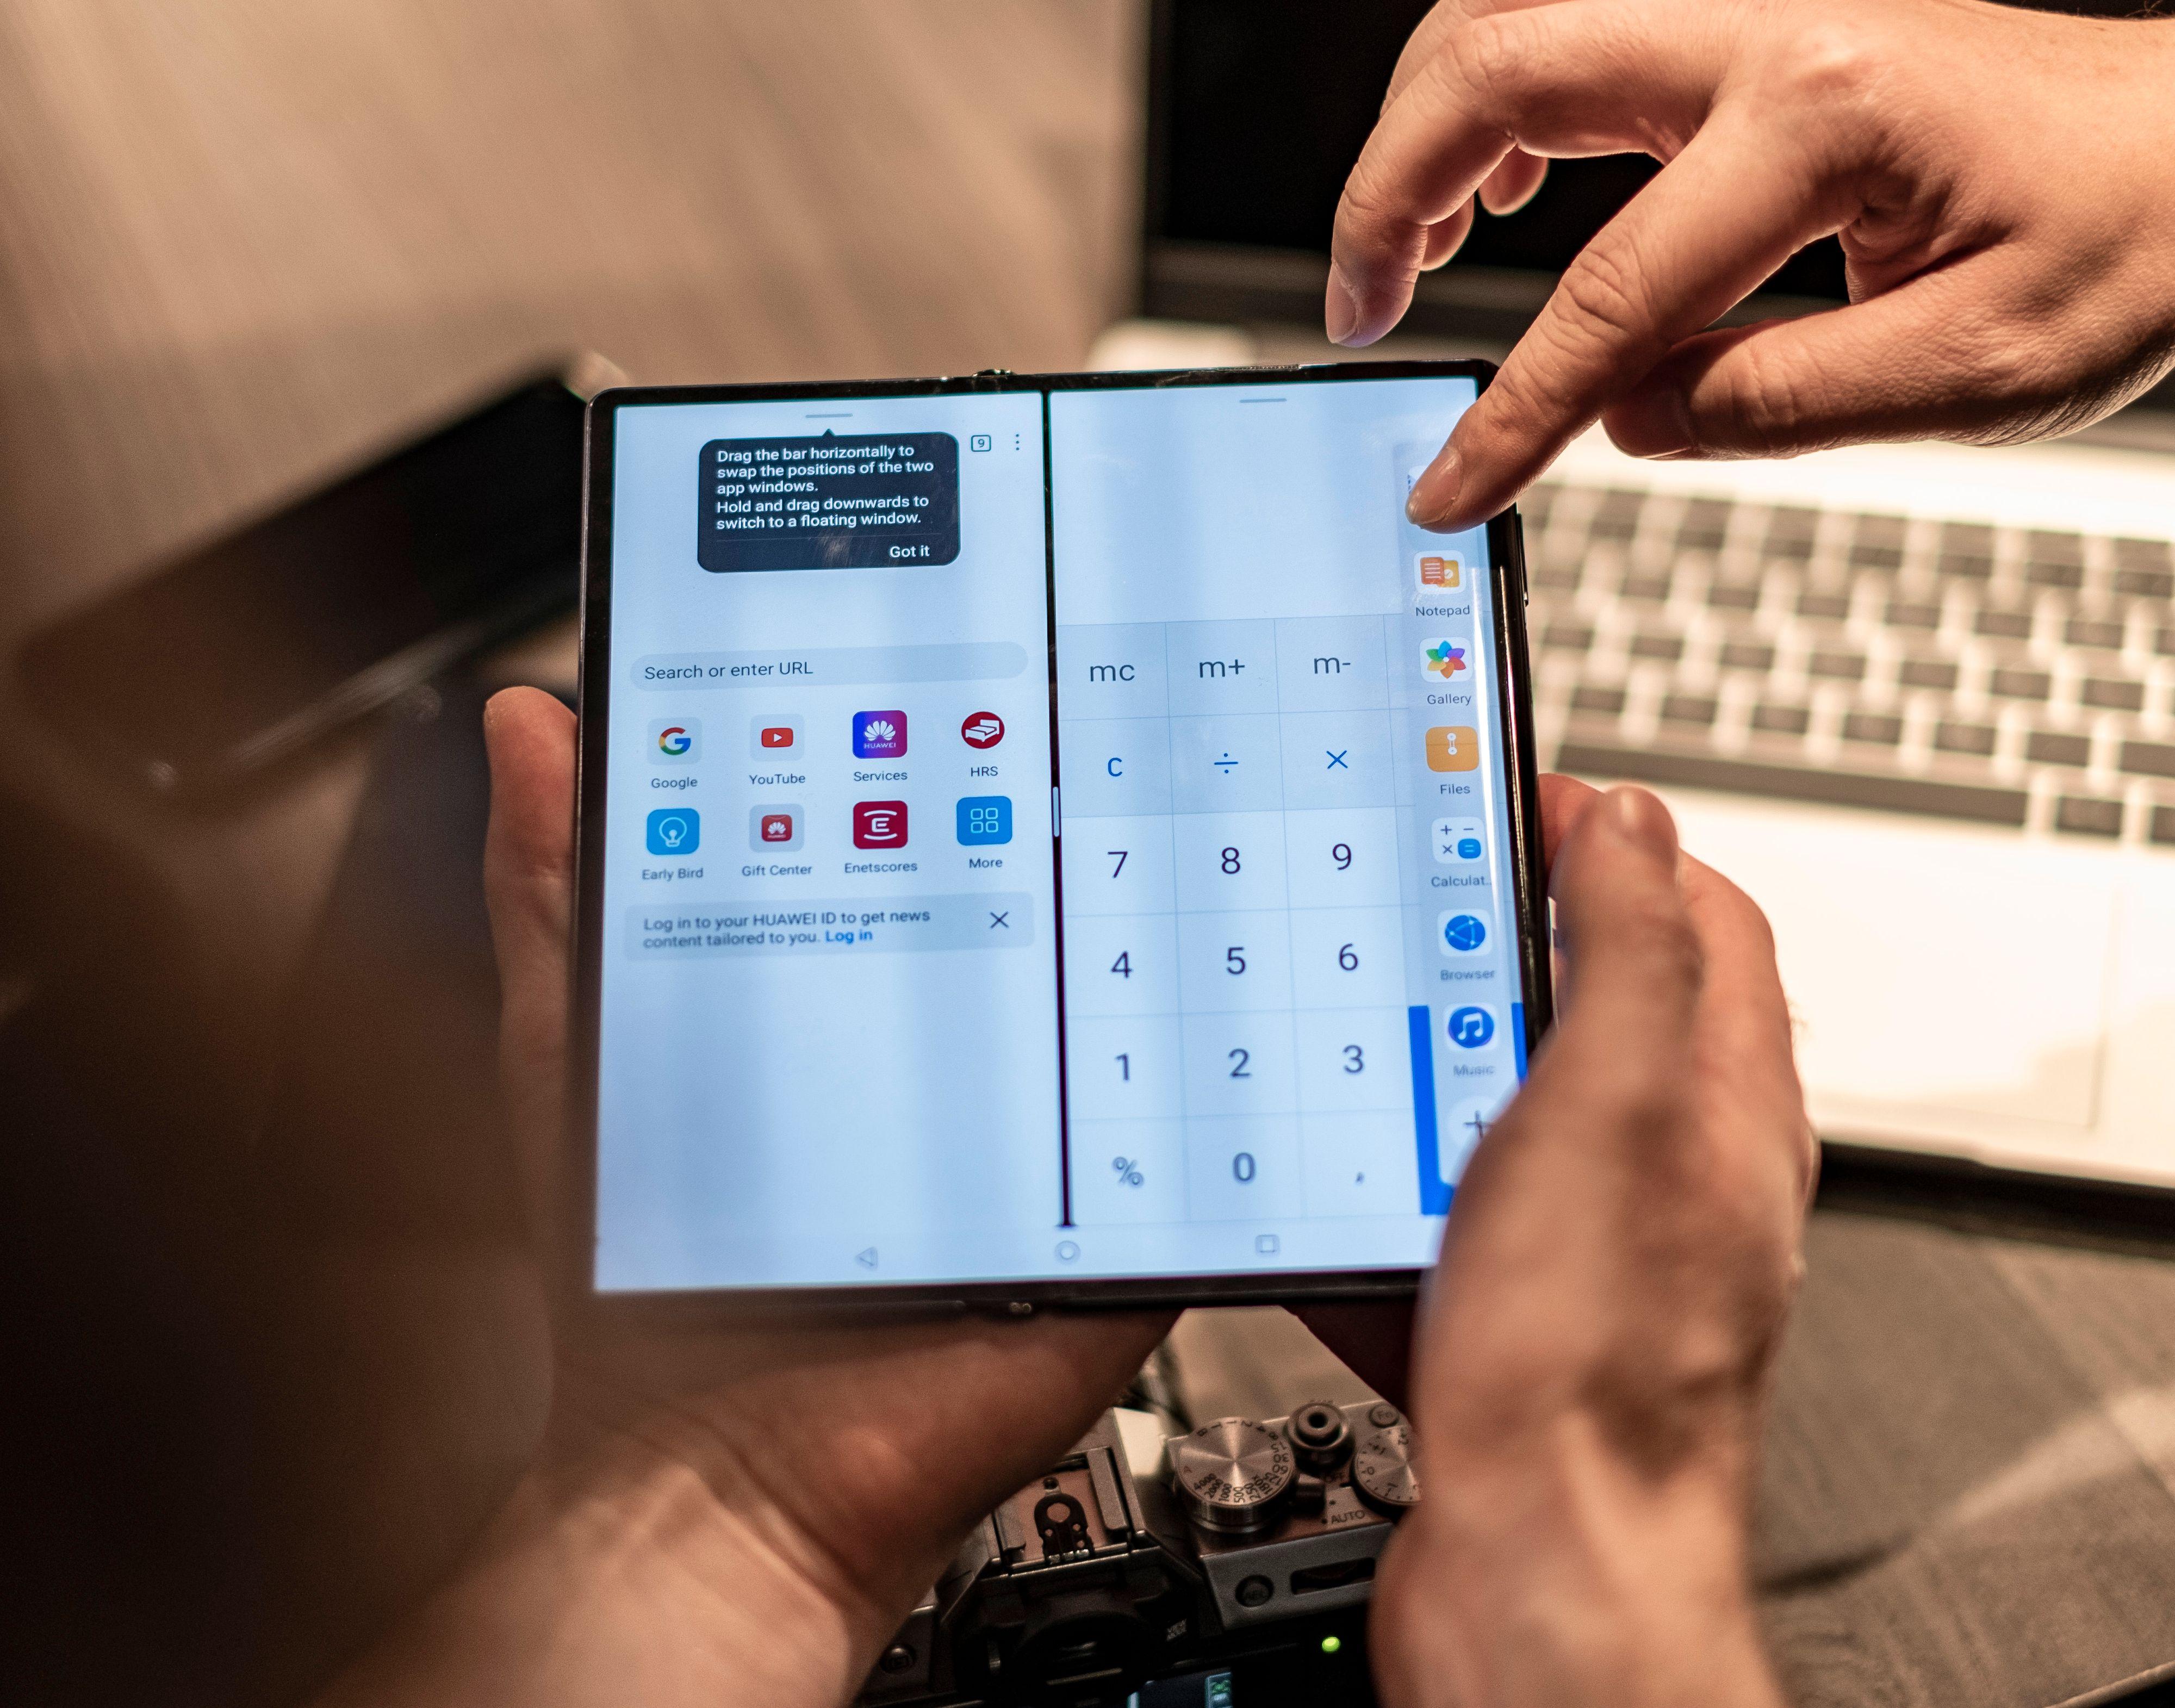 Den store skjermen er spesielt godt egnet til å kjøre flere apper samtidig. Huawei skal ha forbedret fleroppgavekjøringen mye siden sist, og nå skal det gå an å flytte innhold mellom opptil tre aktive apper - to som deler skjermen mellom seg og én som flyter oppå de to andre.